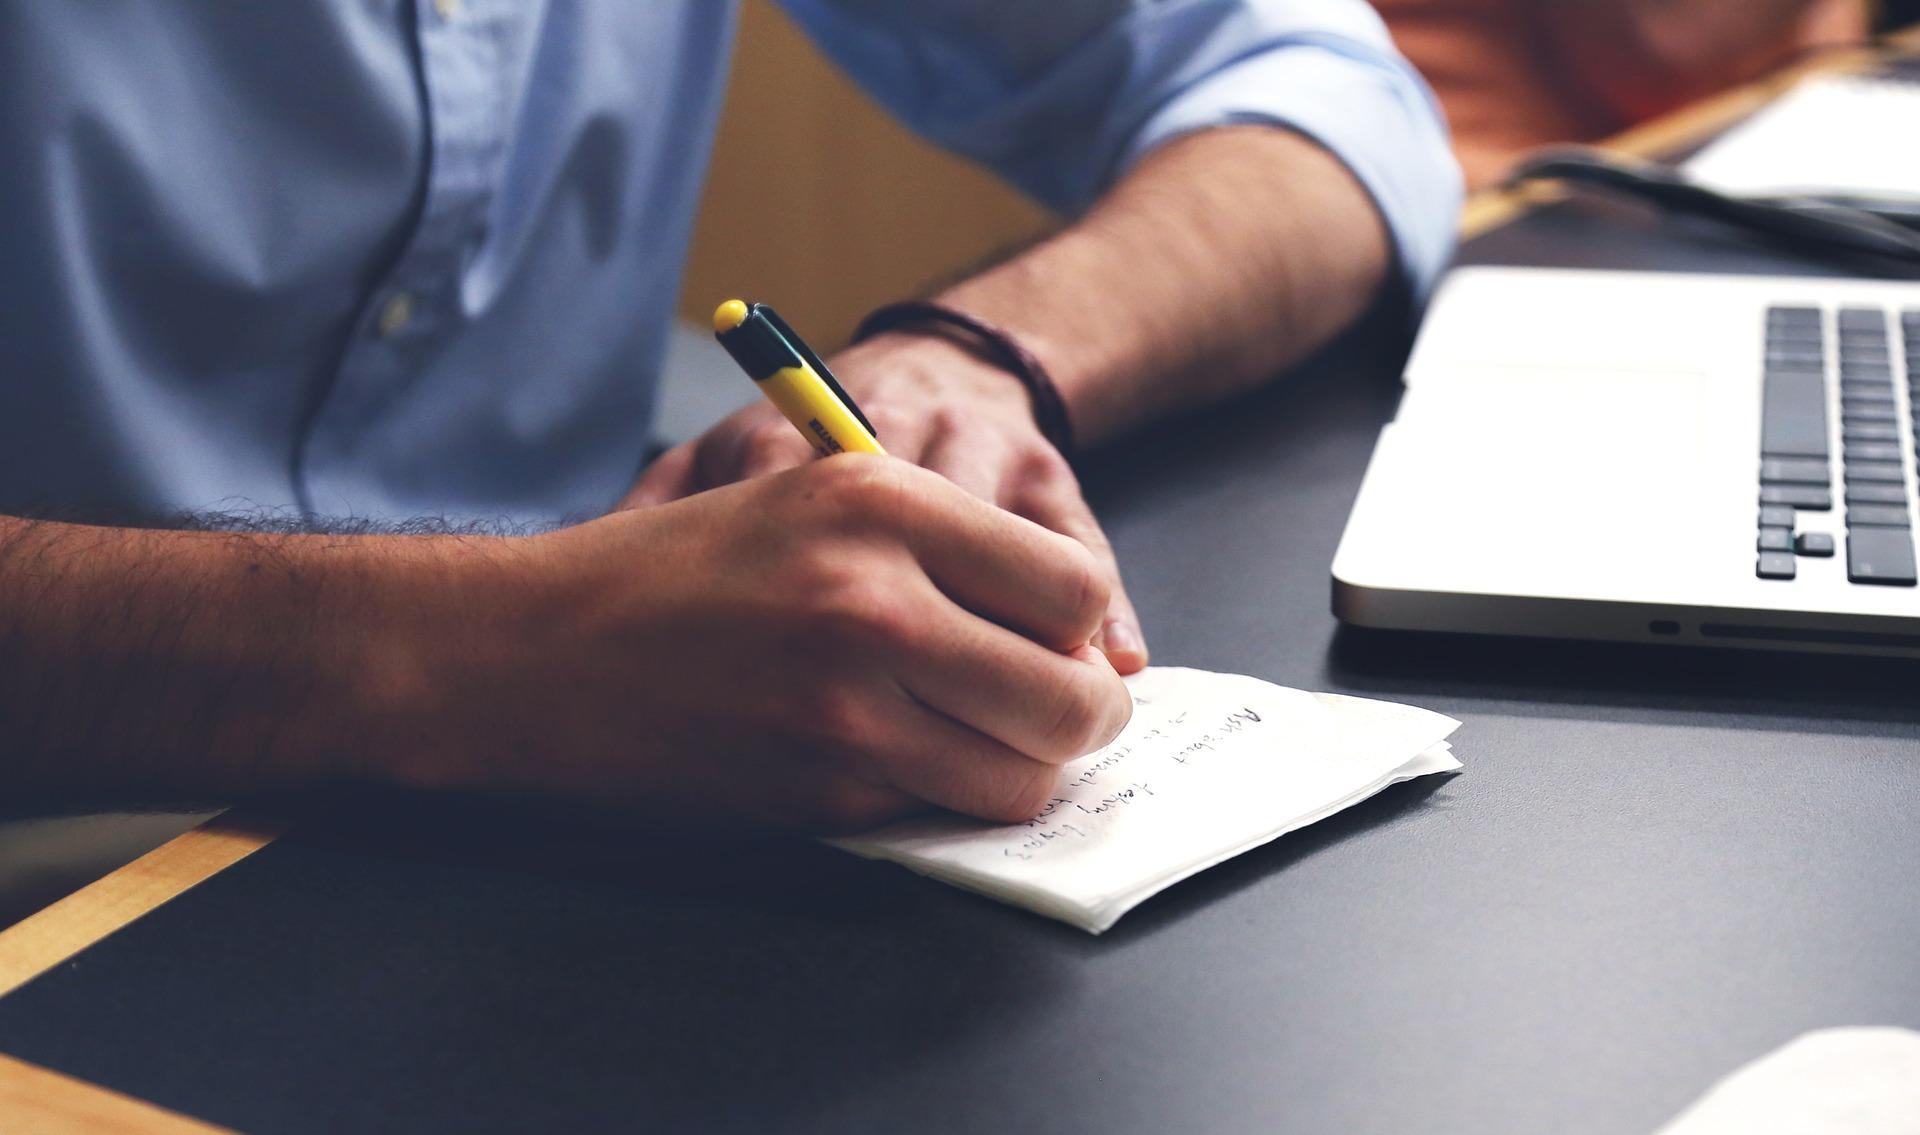 仕事のミスを防ぐにはノートに書く!ノートを書いて失敗を減らそう。